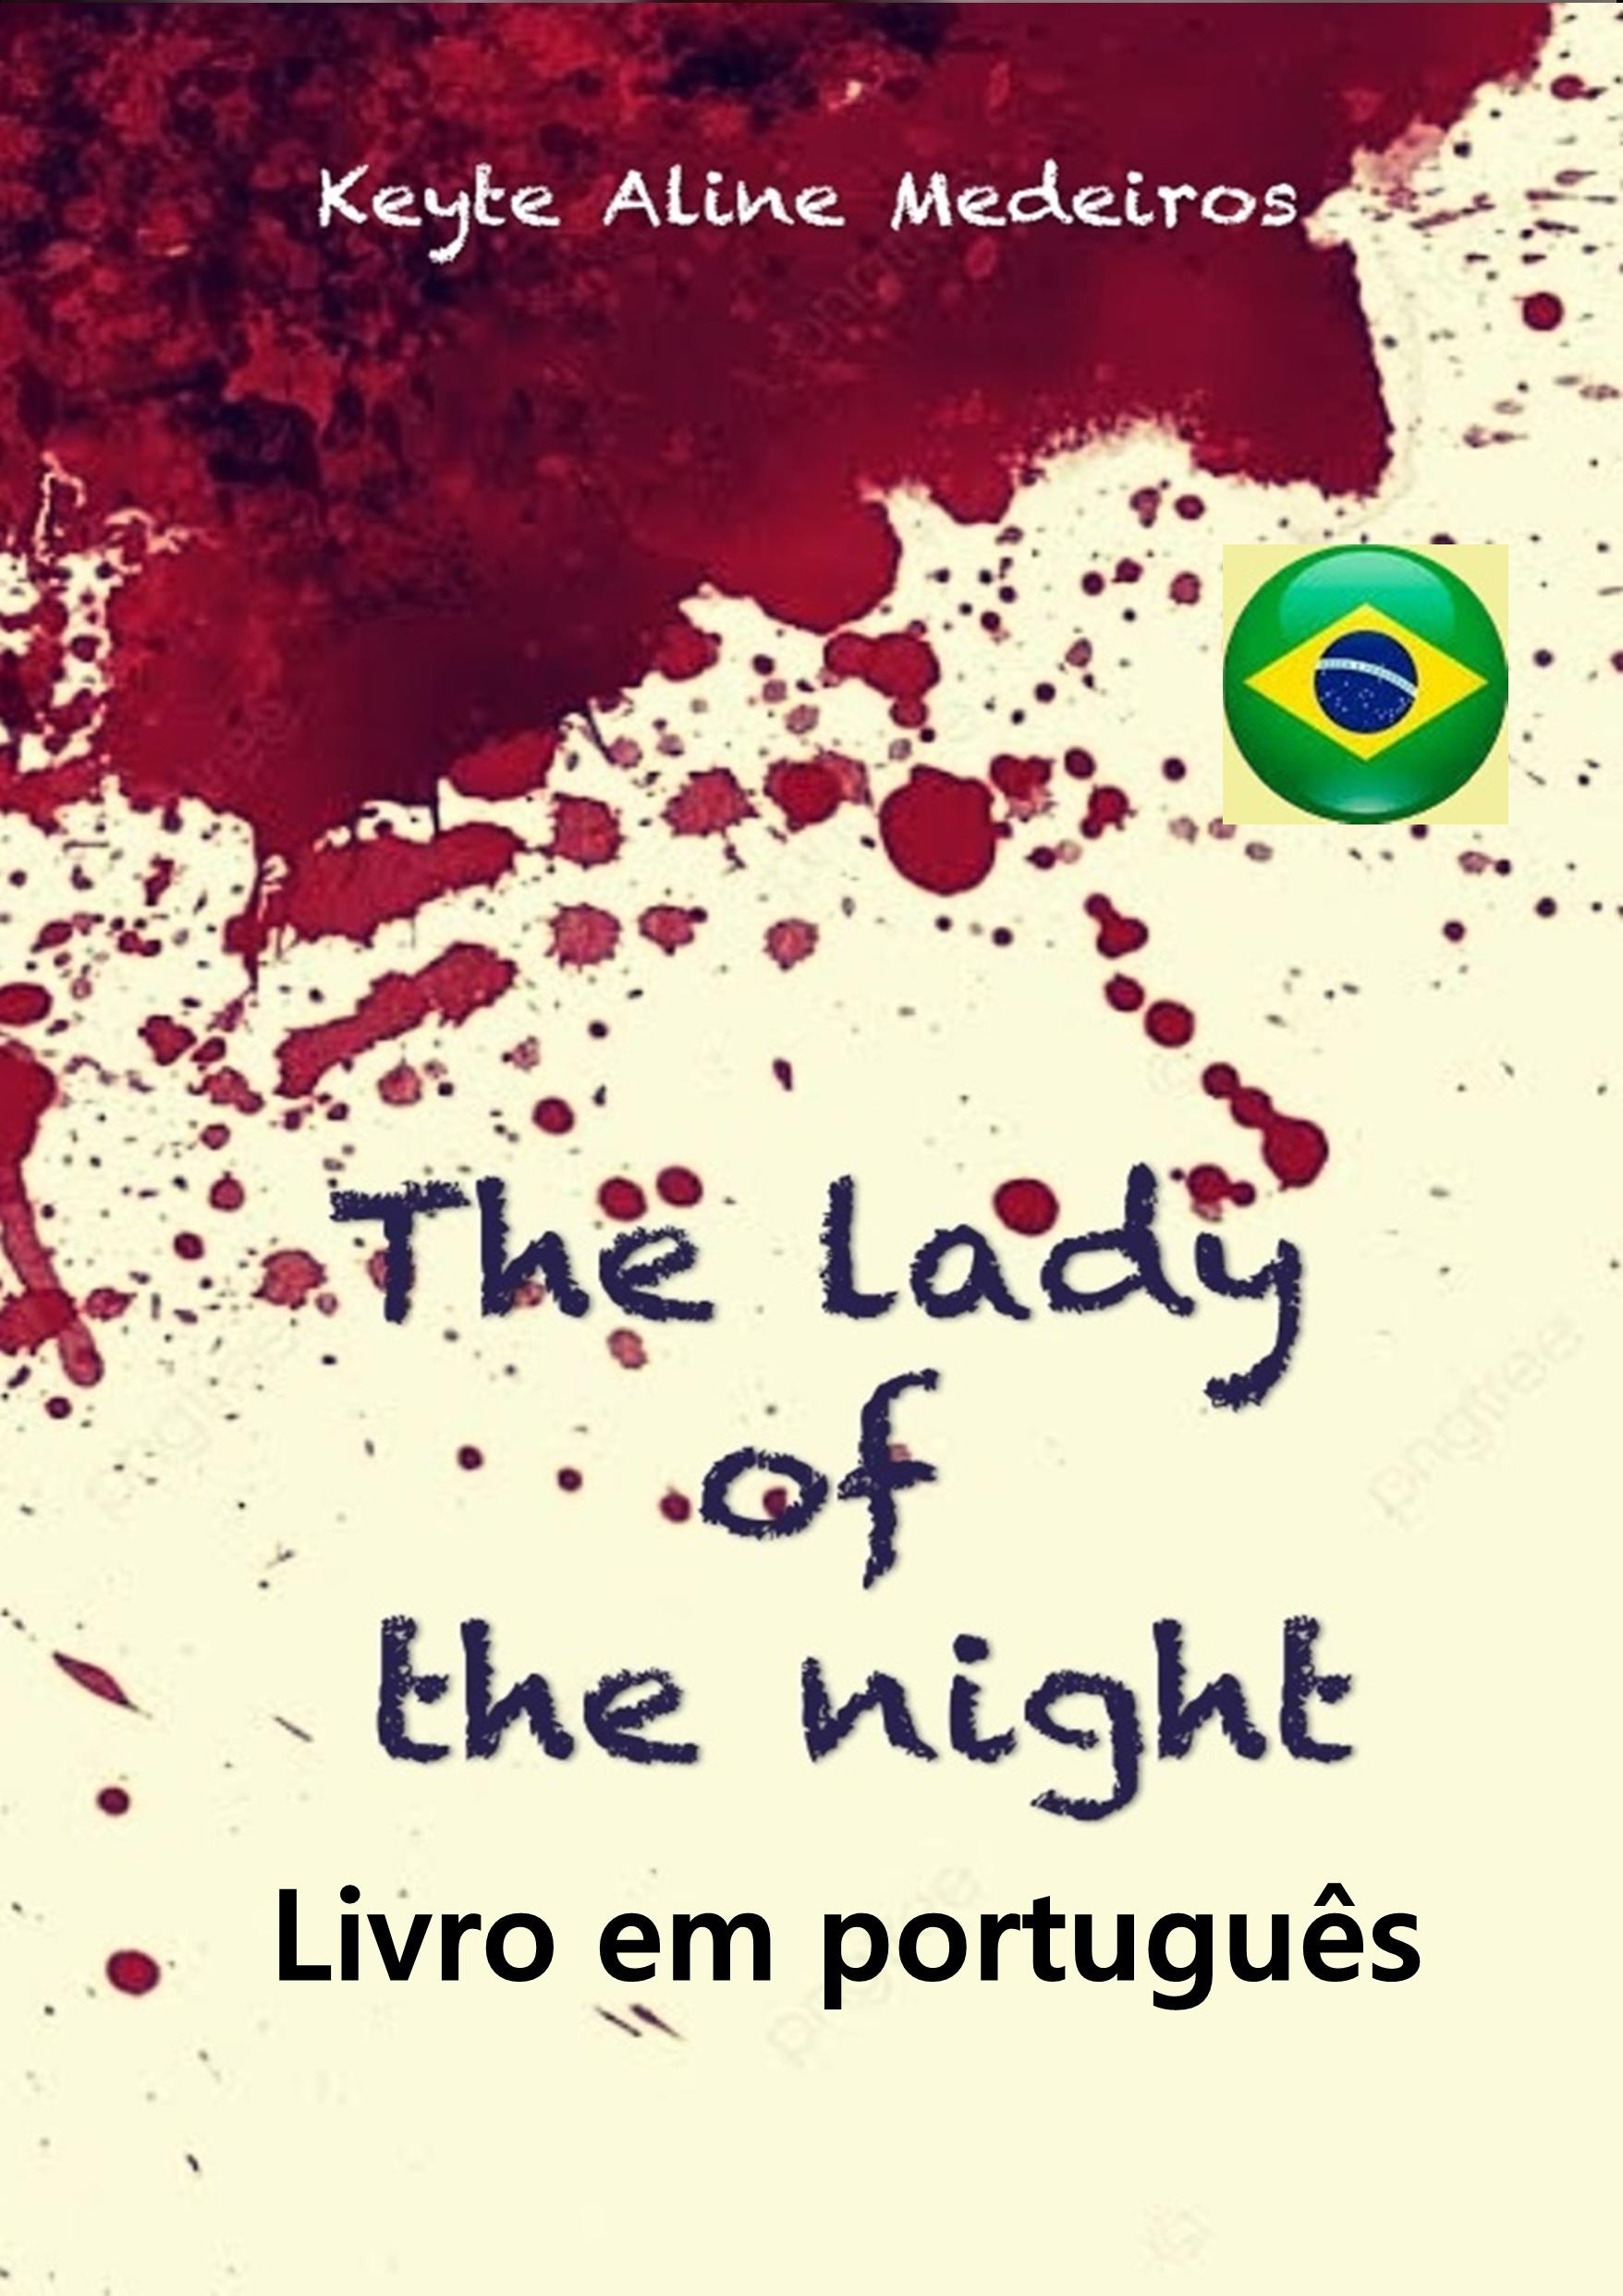 The lady of the night (versão em  português)